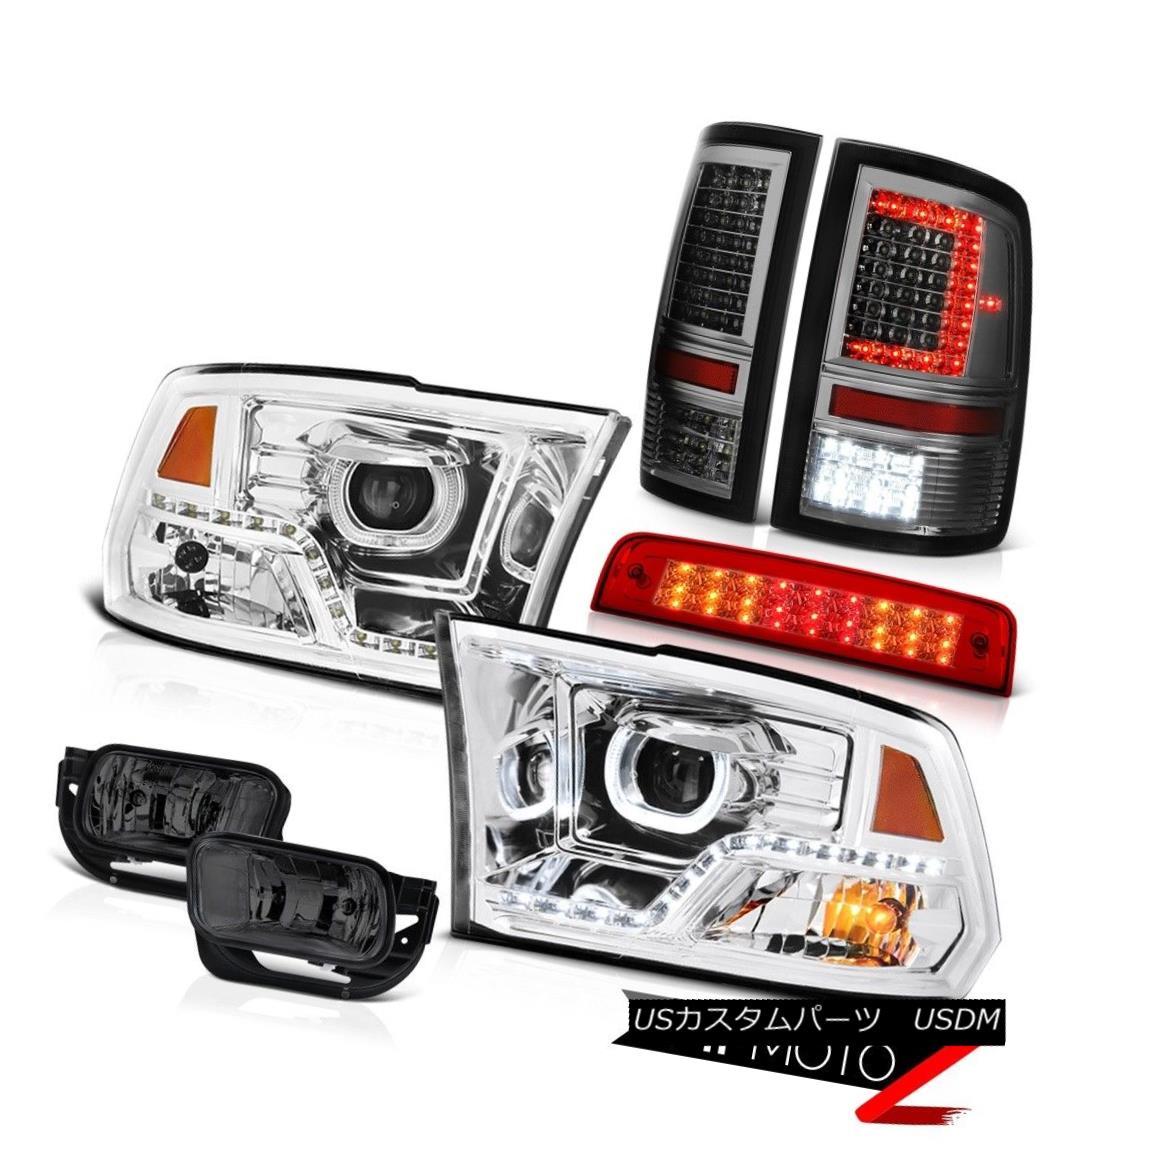 テールライト 09-11 12 13 Dodge RAM 1500 Dark Smoke Tail Light Headlamps Brake Fog Lights SET 09-11 12 13ダッジRAM 1500ダークスモークテールライトヘッドランプブレーキフォグライトSET